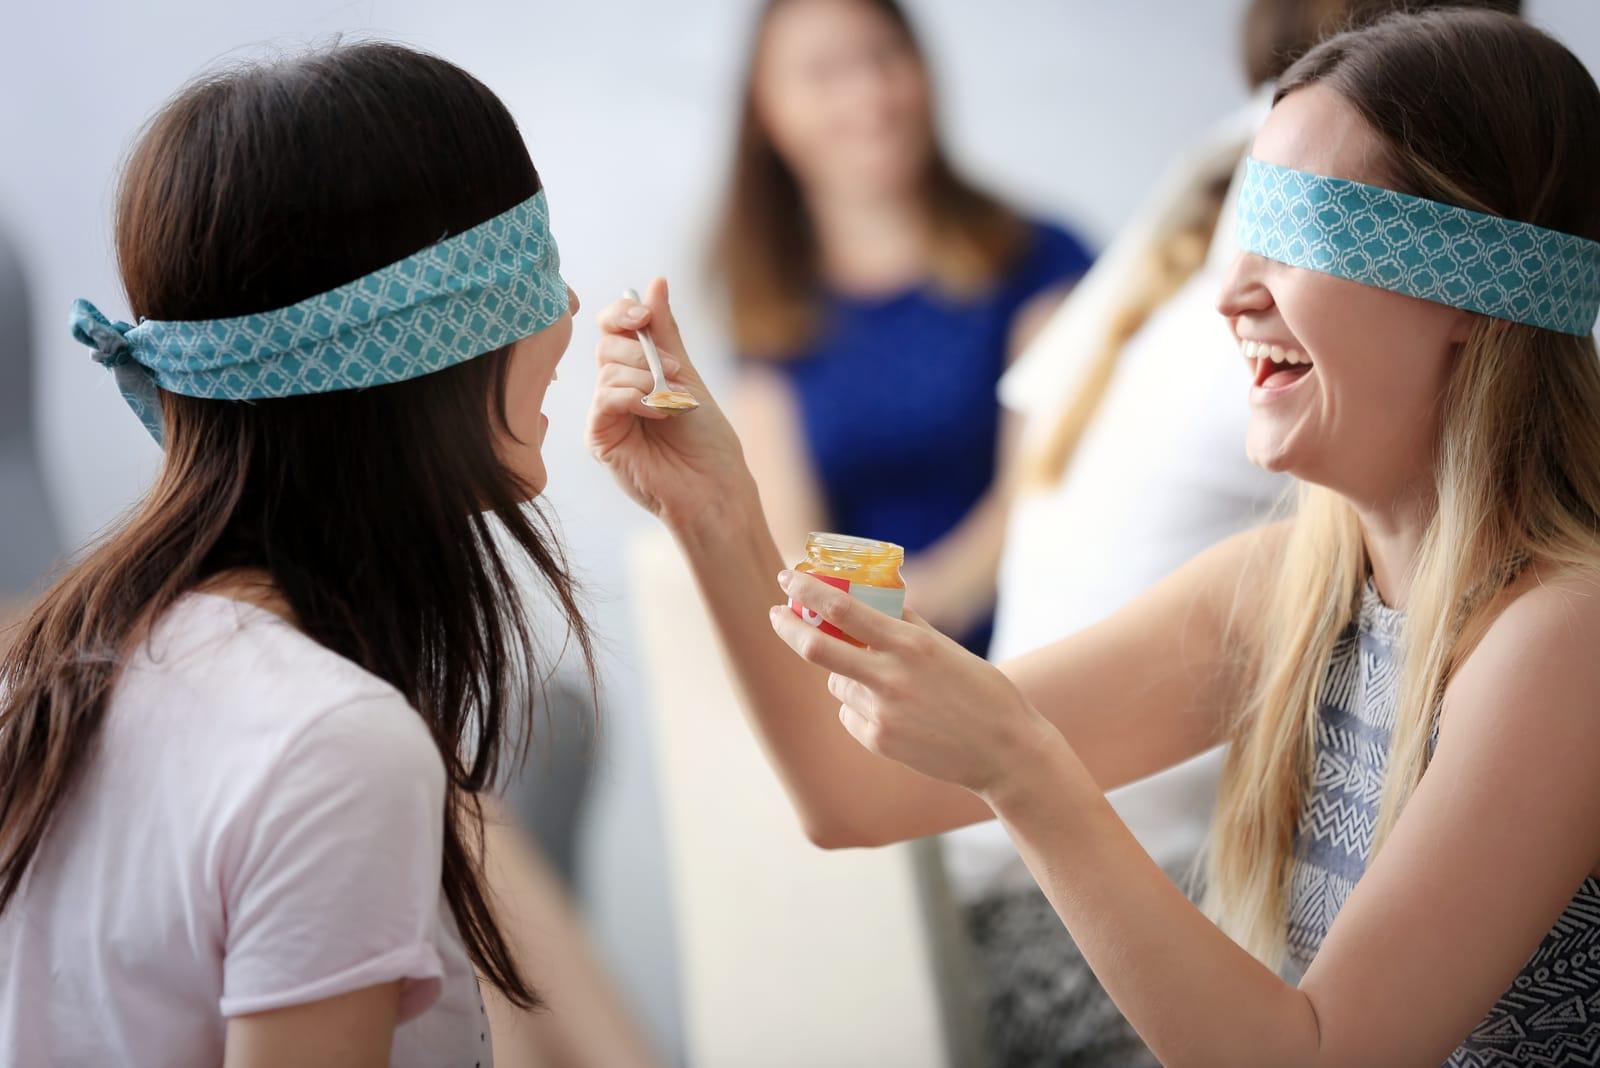 two women taste food blindfolded